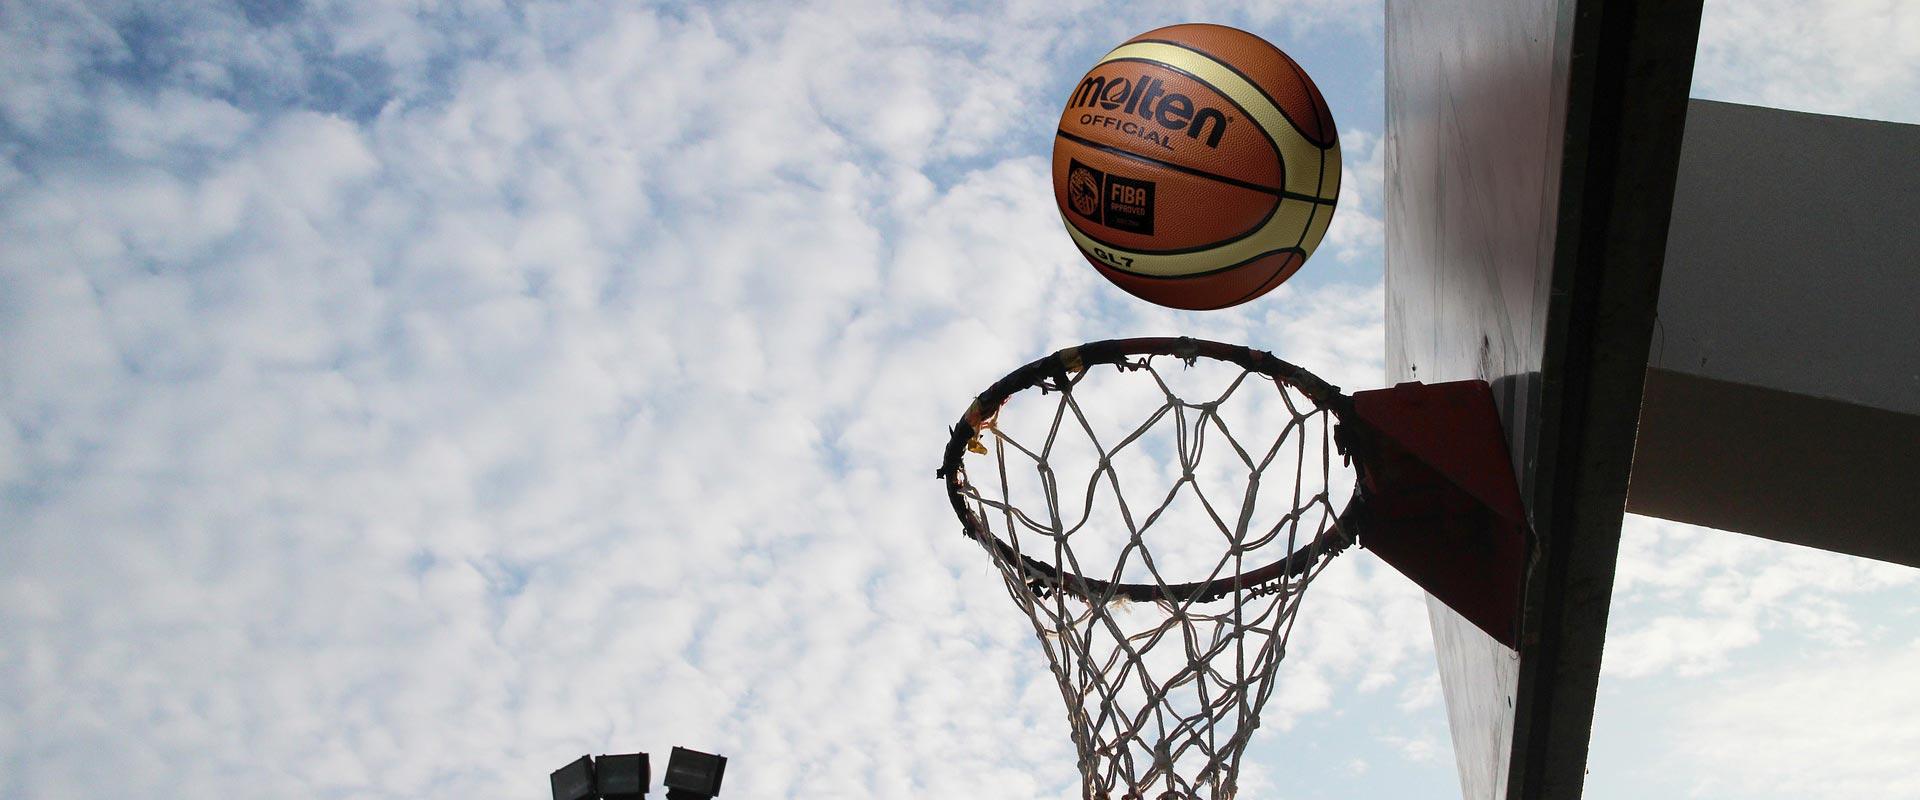 Abbigliamento e accessori per il basket